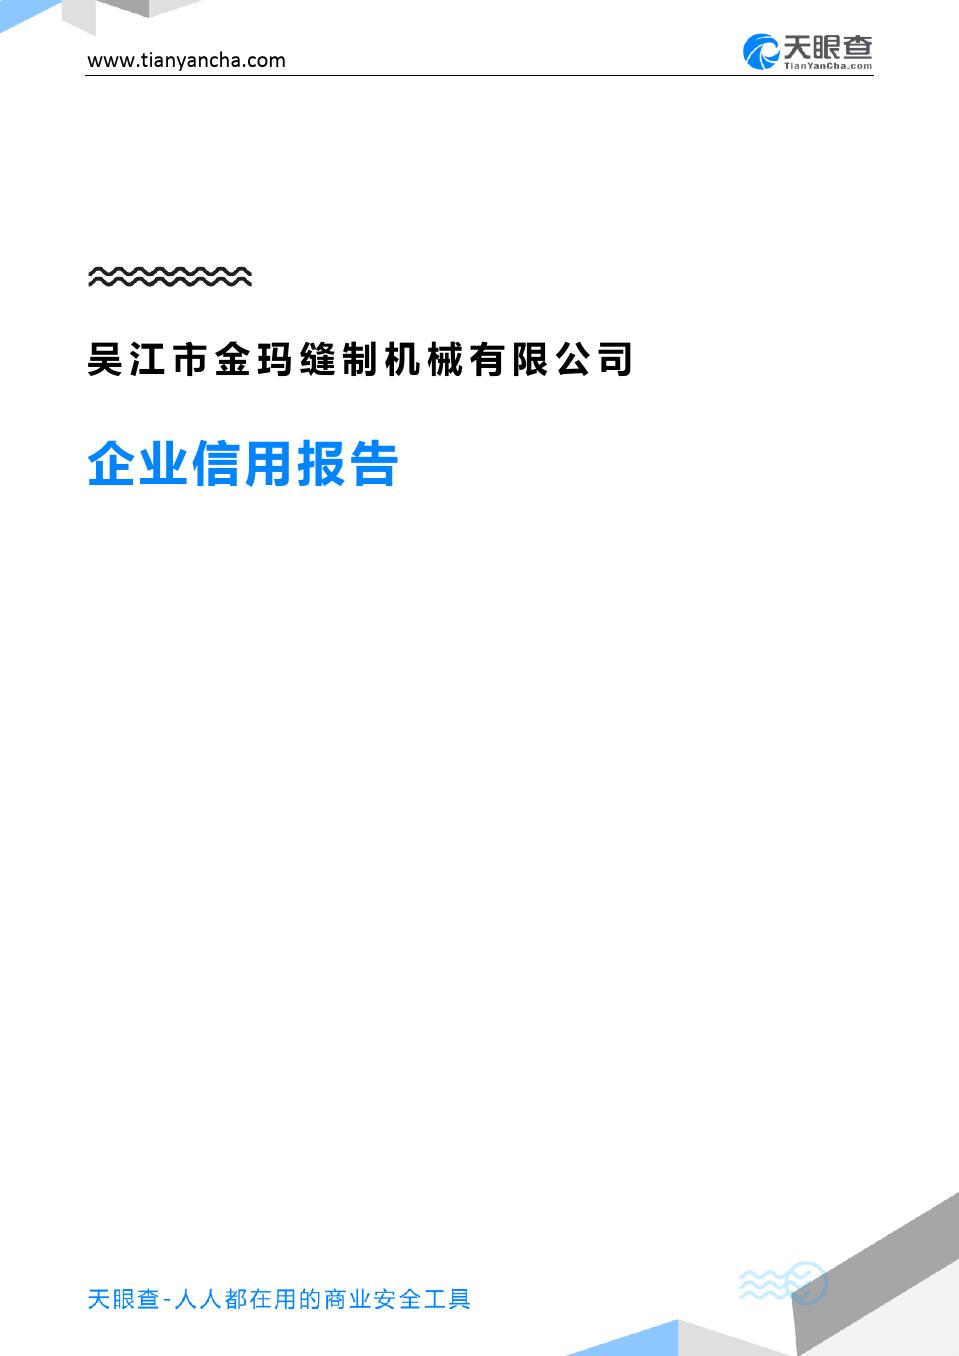 吴江市金玛缝制机械有限公司(企业信用报告)- 天眼查